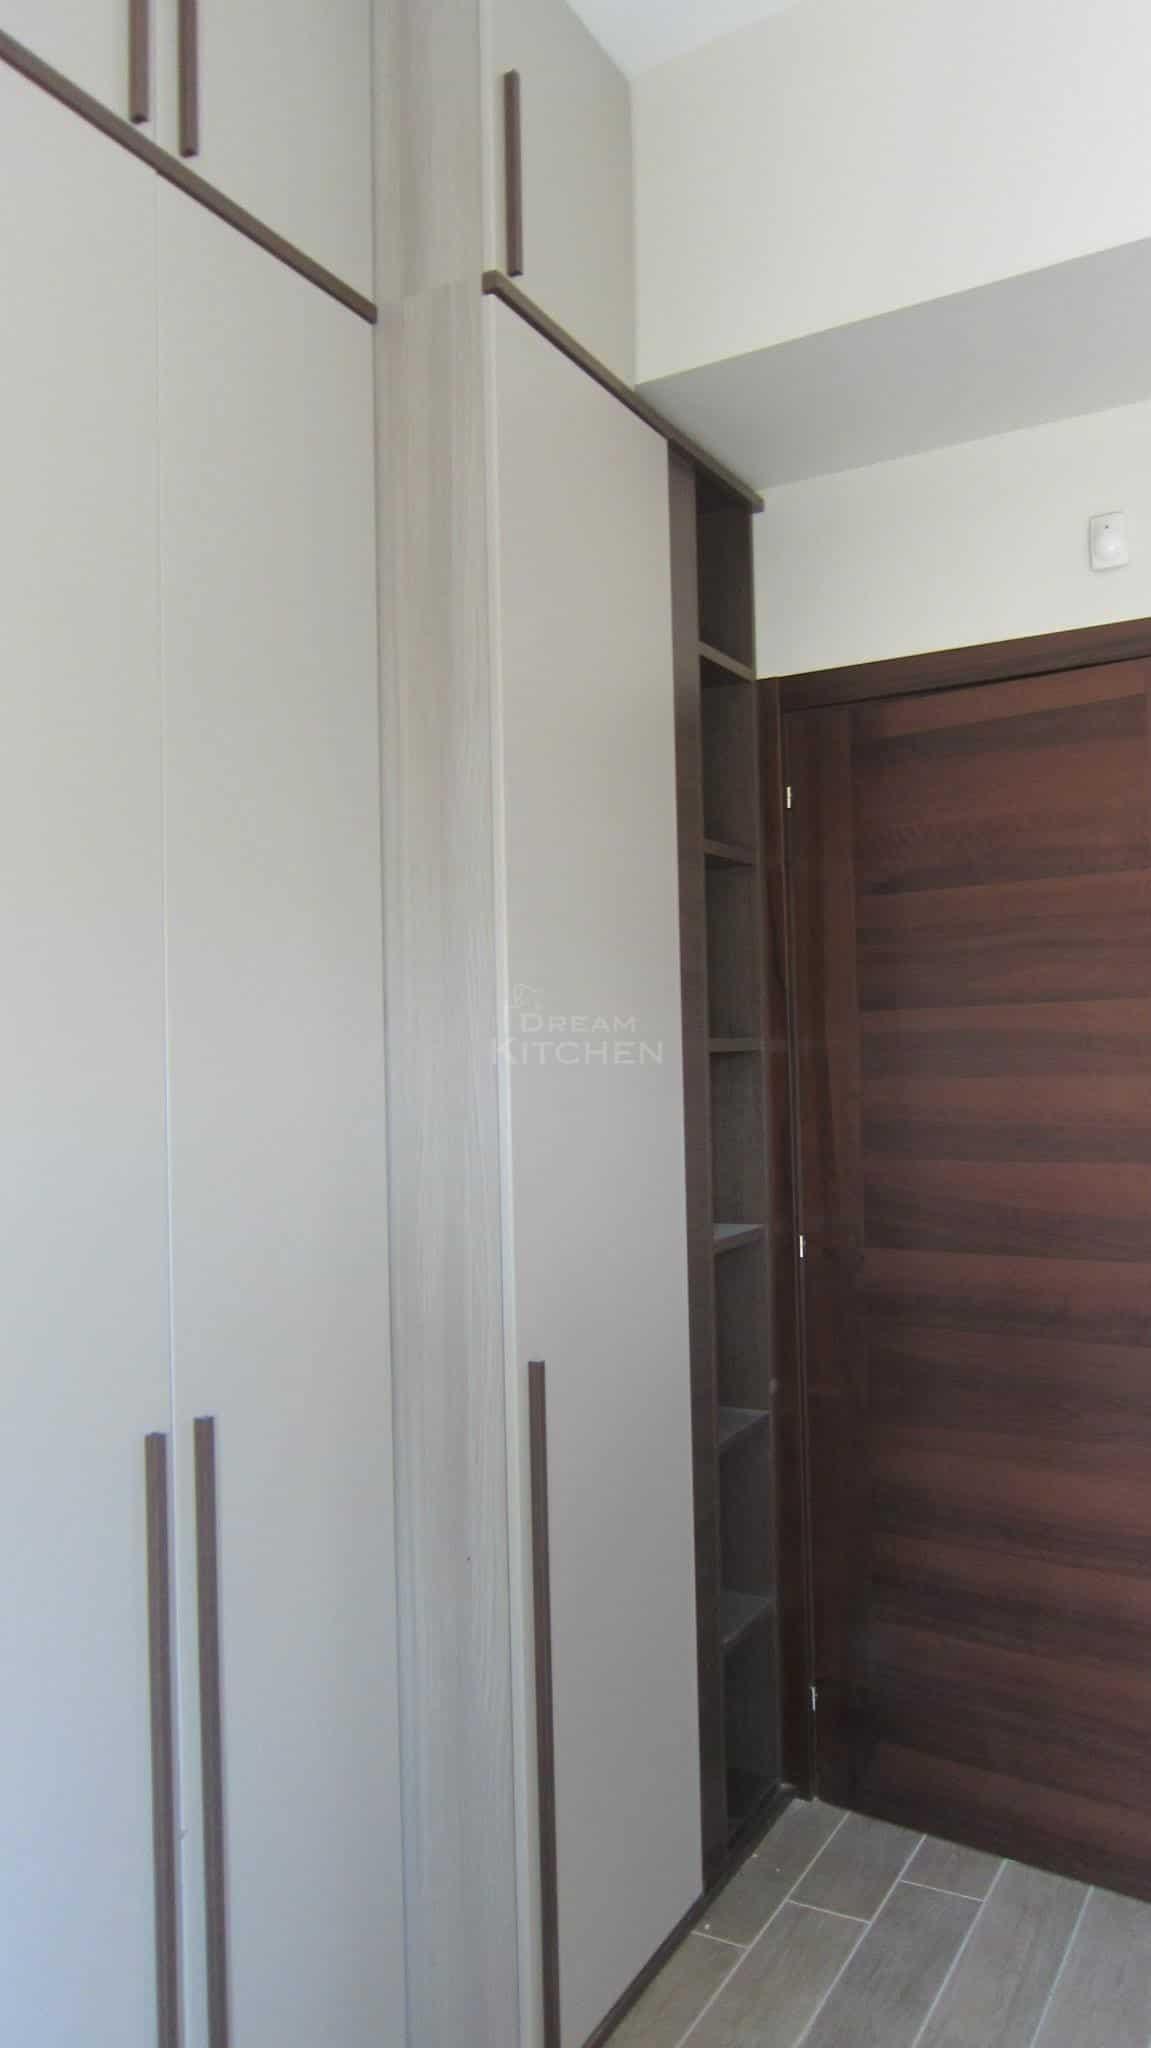 Πλήρης επίπλωση κατοικίας ντουλαπα βακελιτη 8